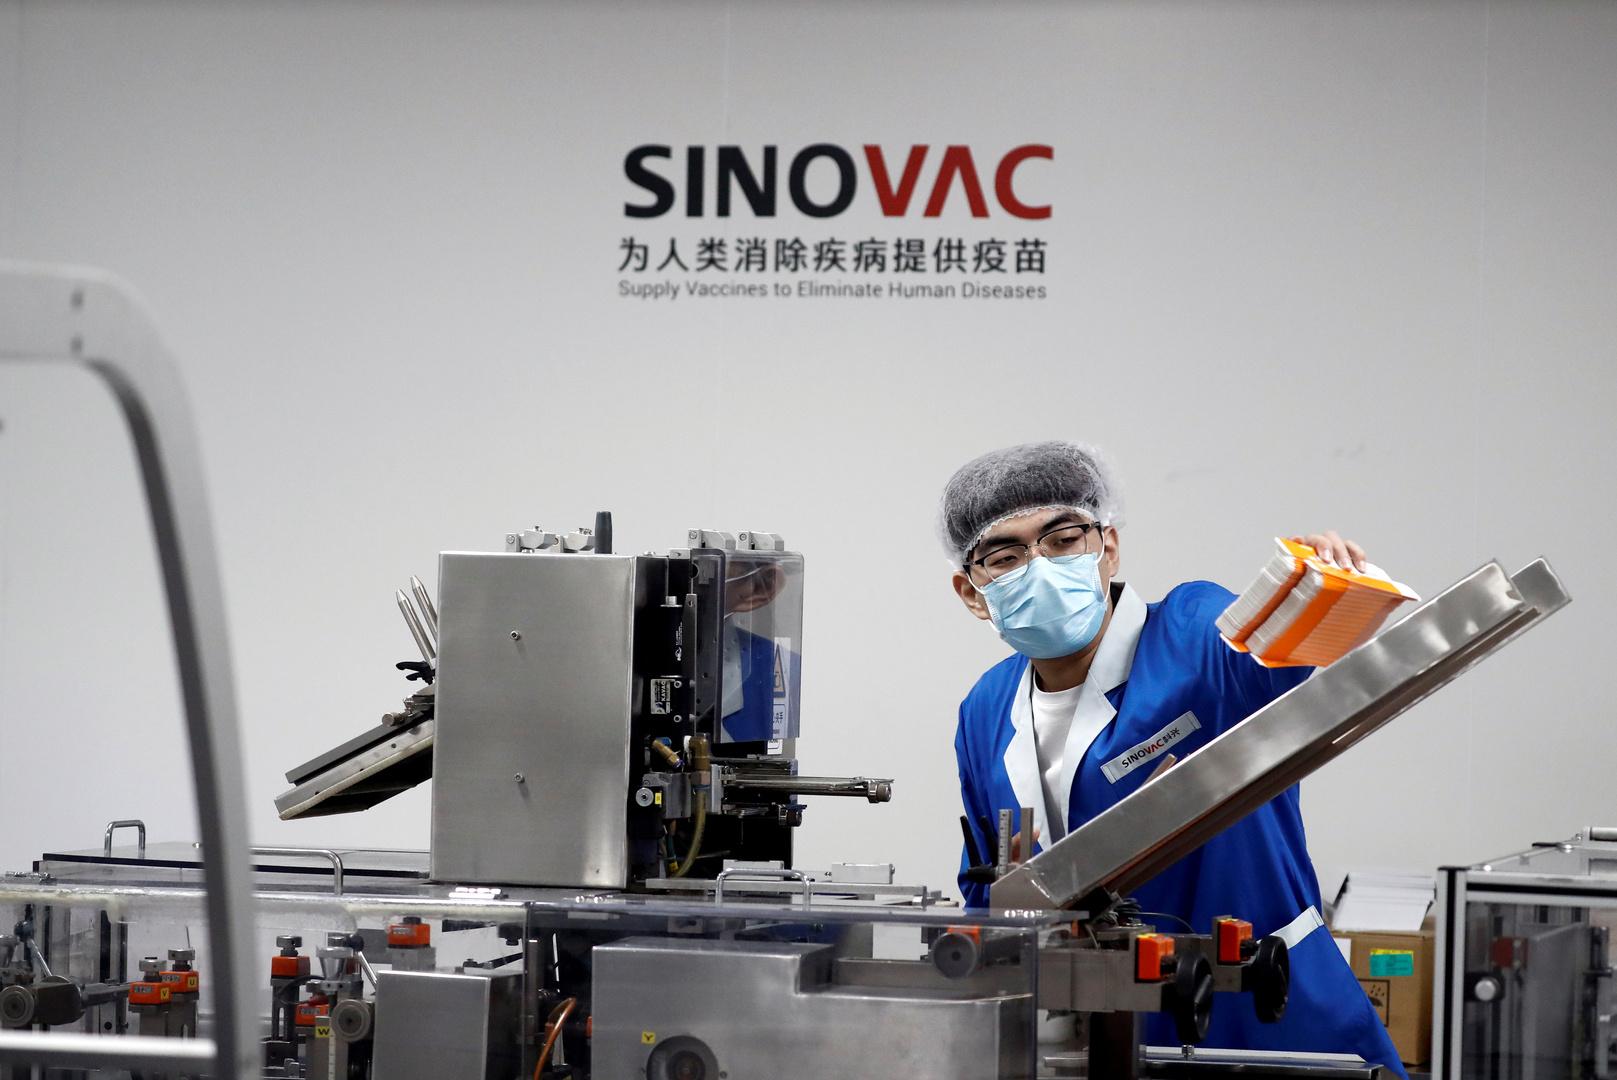 إندونيسيا ترصد مليارا ونصف مليار دولار لشراء لقاح سينوفاك الصيني